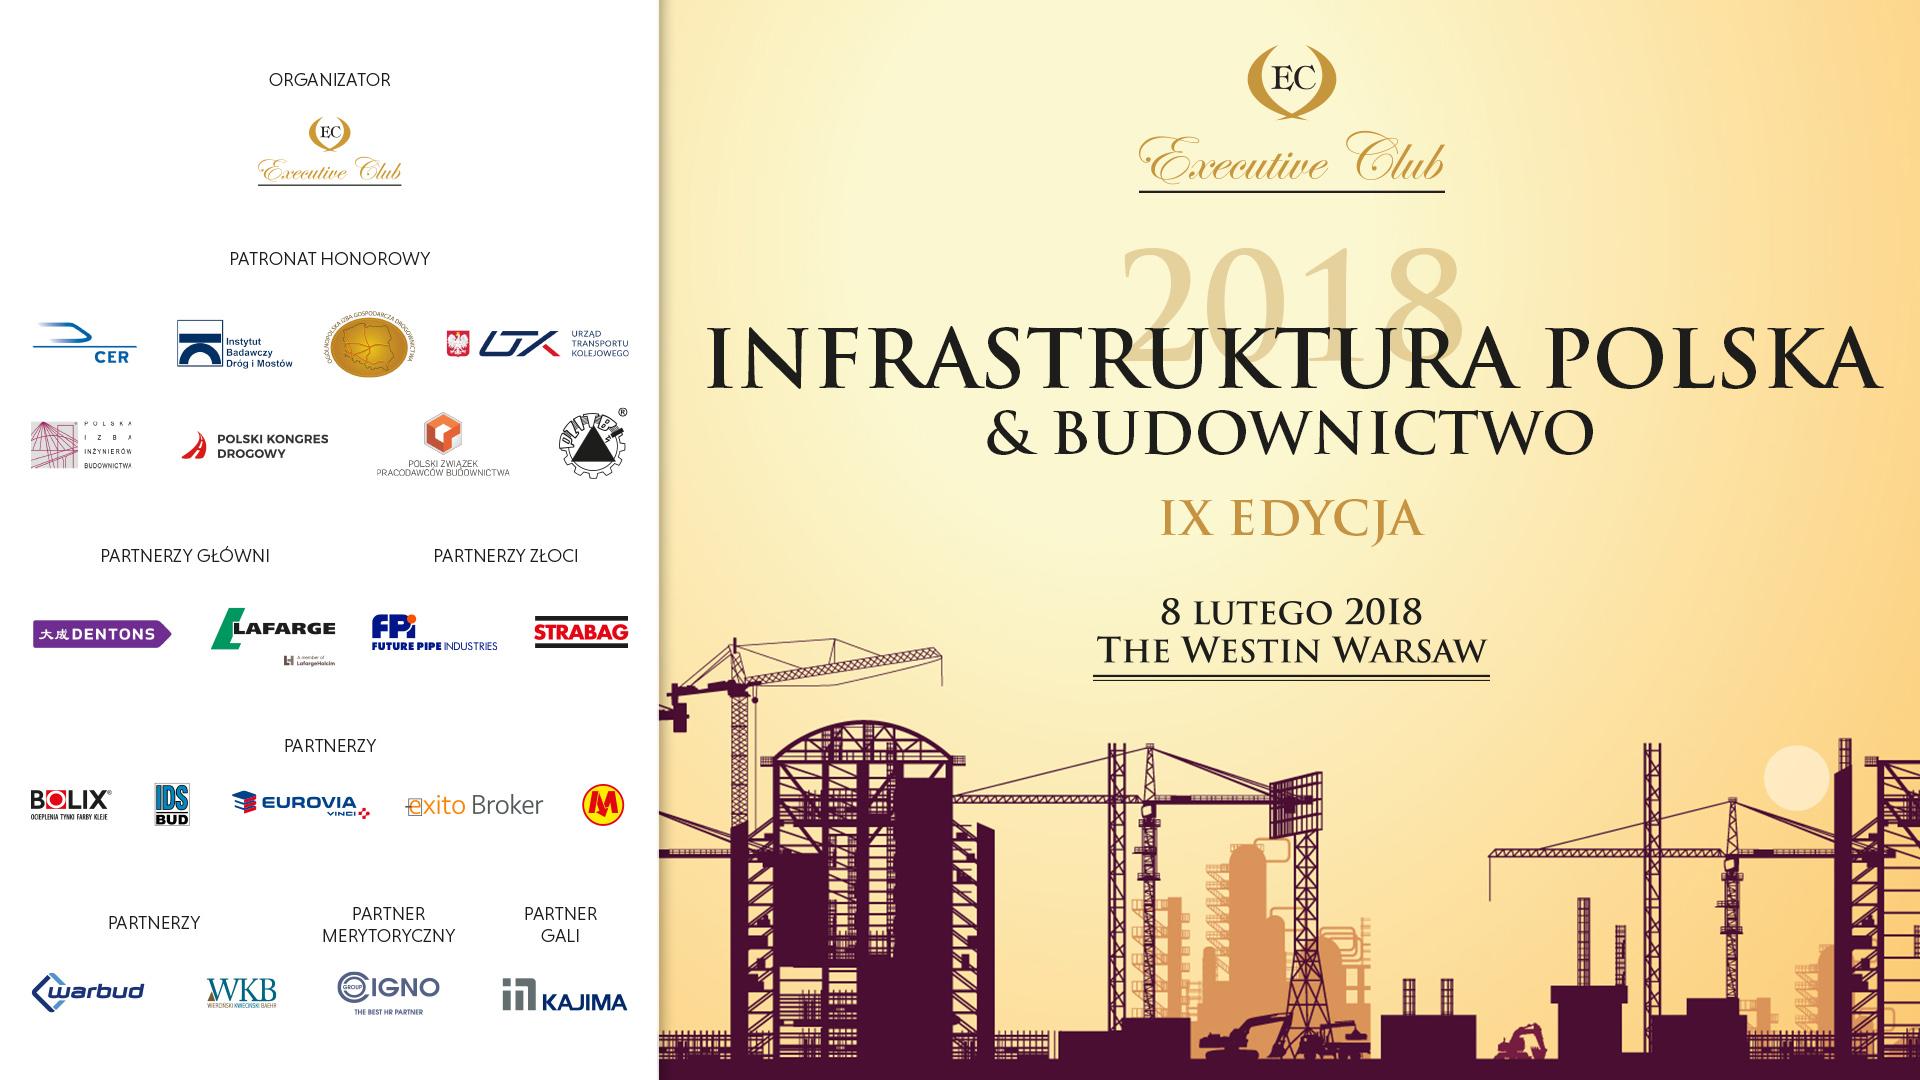 Infrastruktura Polska & Budownictwo